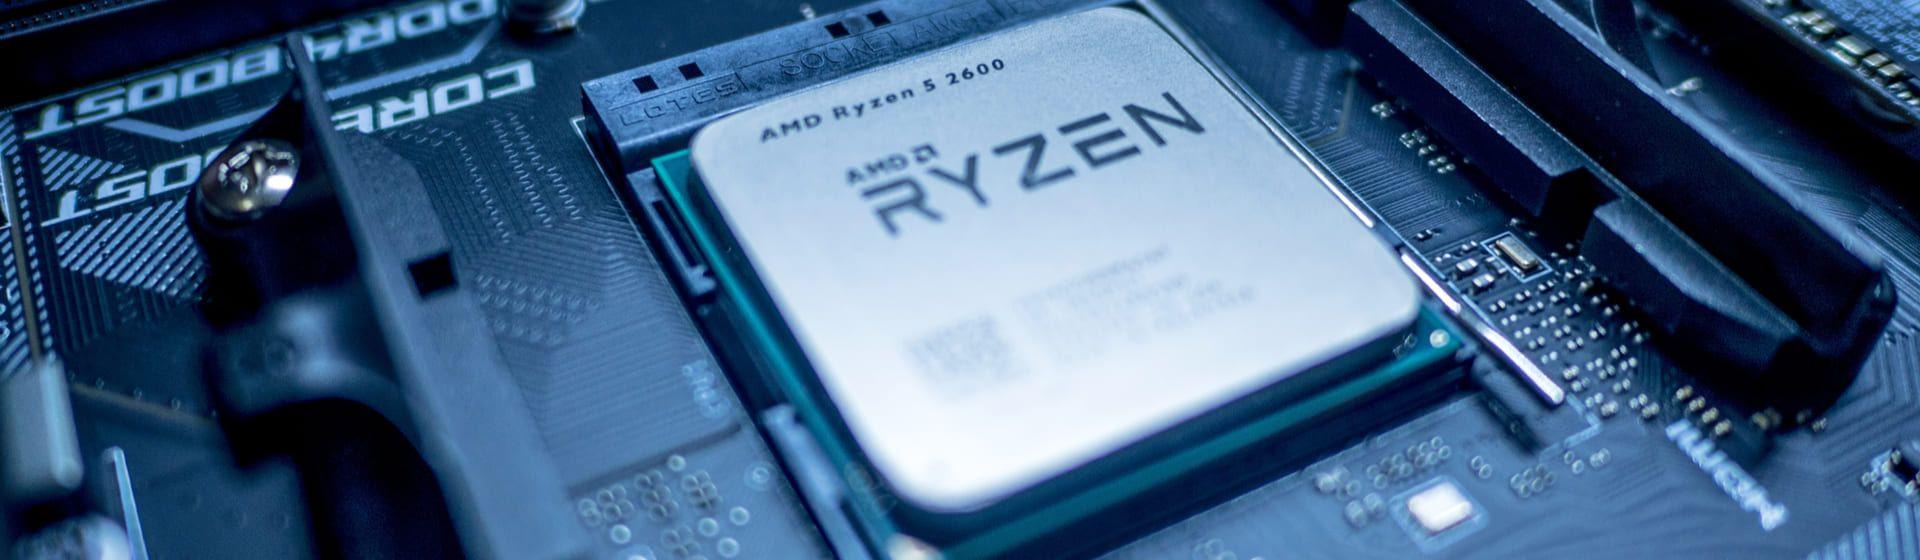 Processador AMD Ryzen 5 2600 é bom? Confira nossa análise do chip